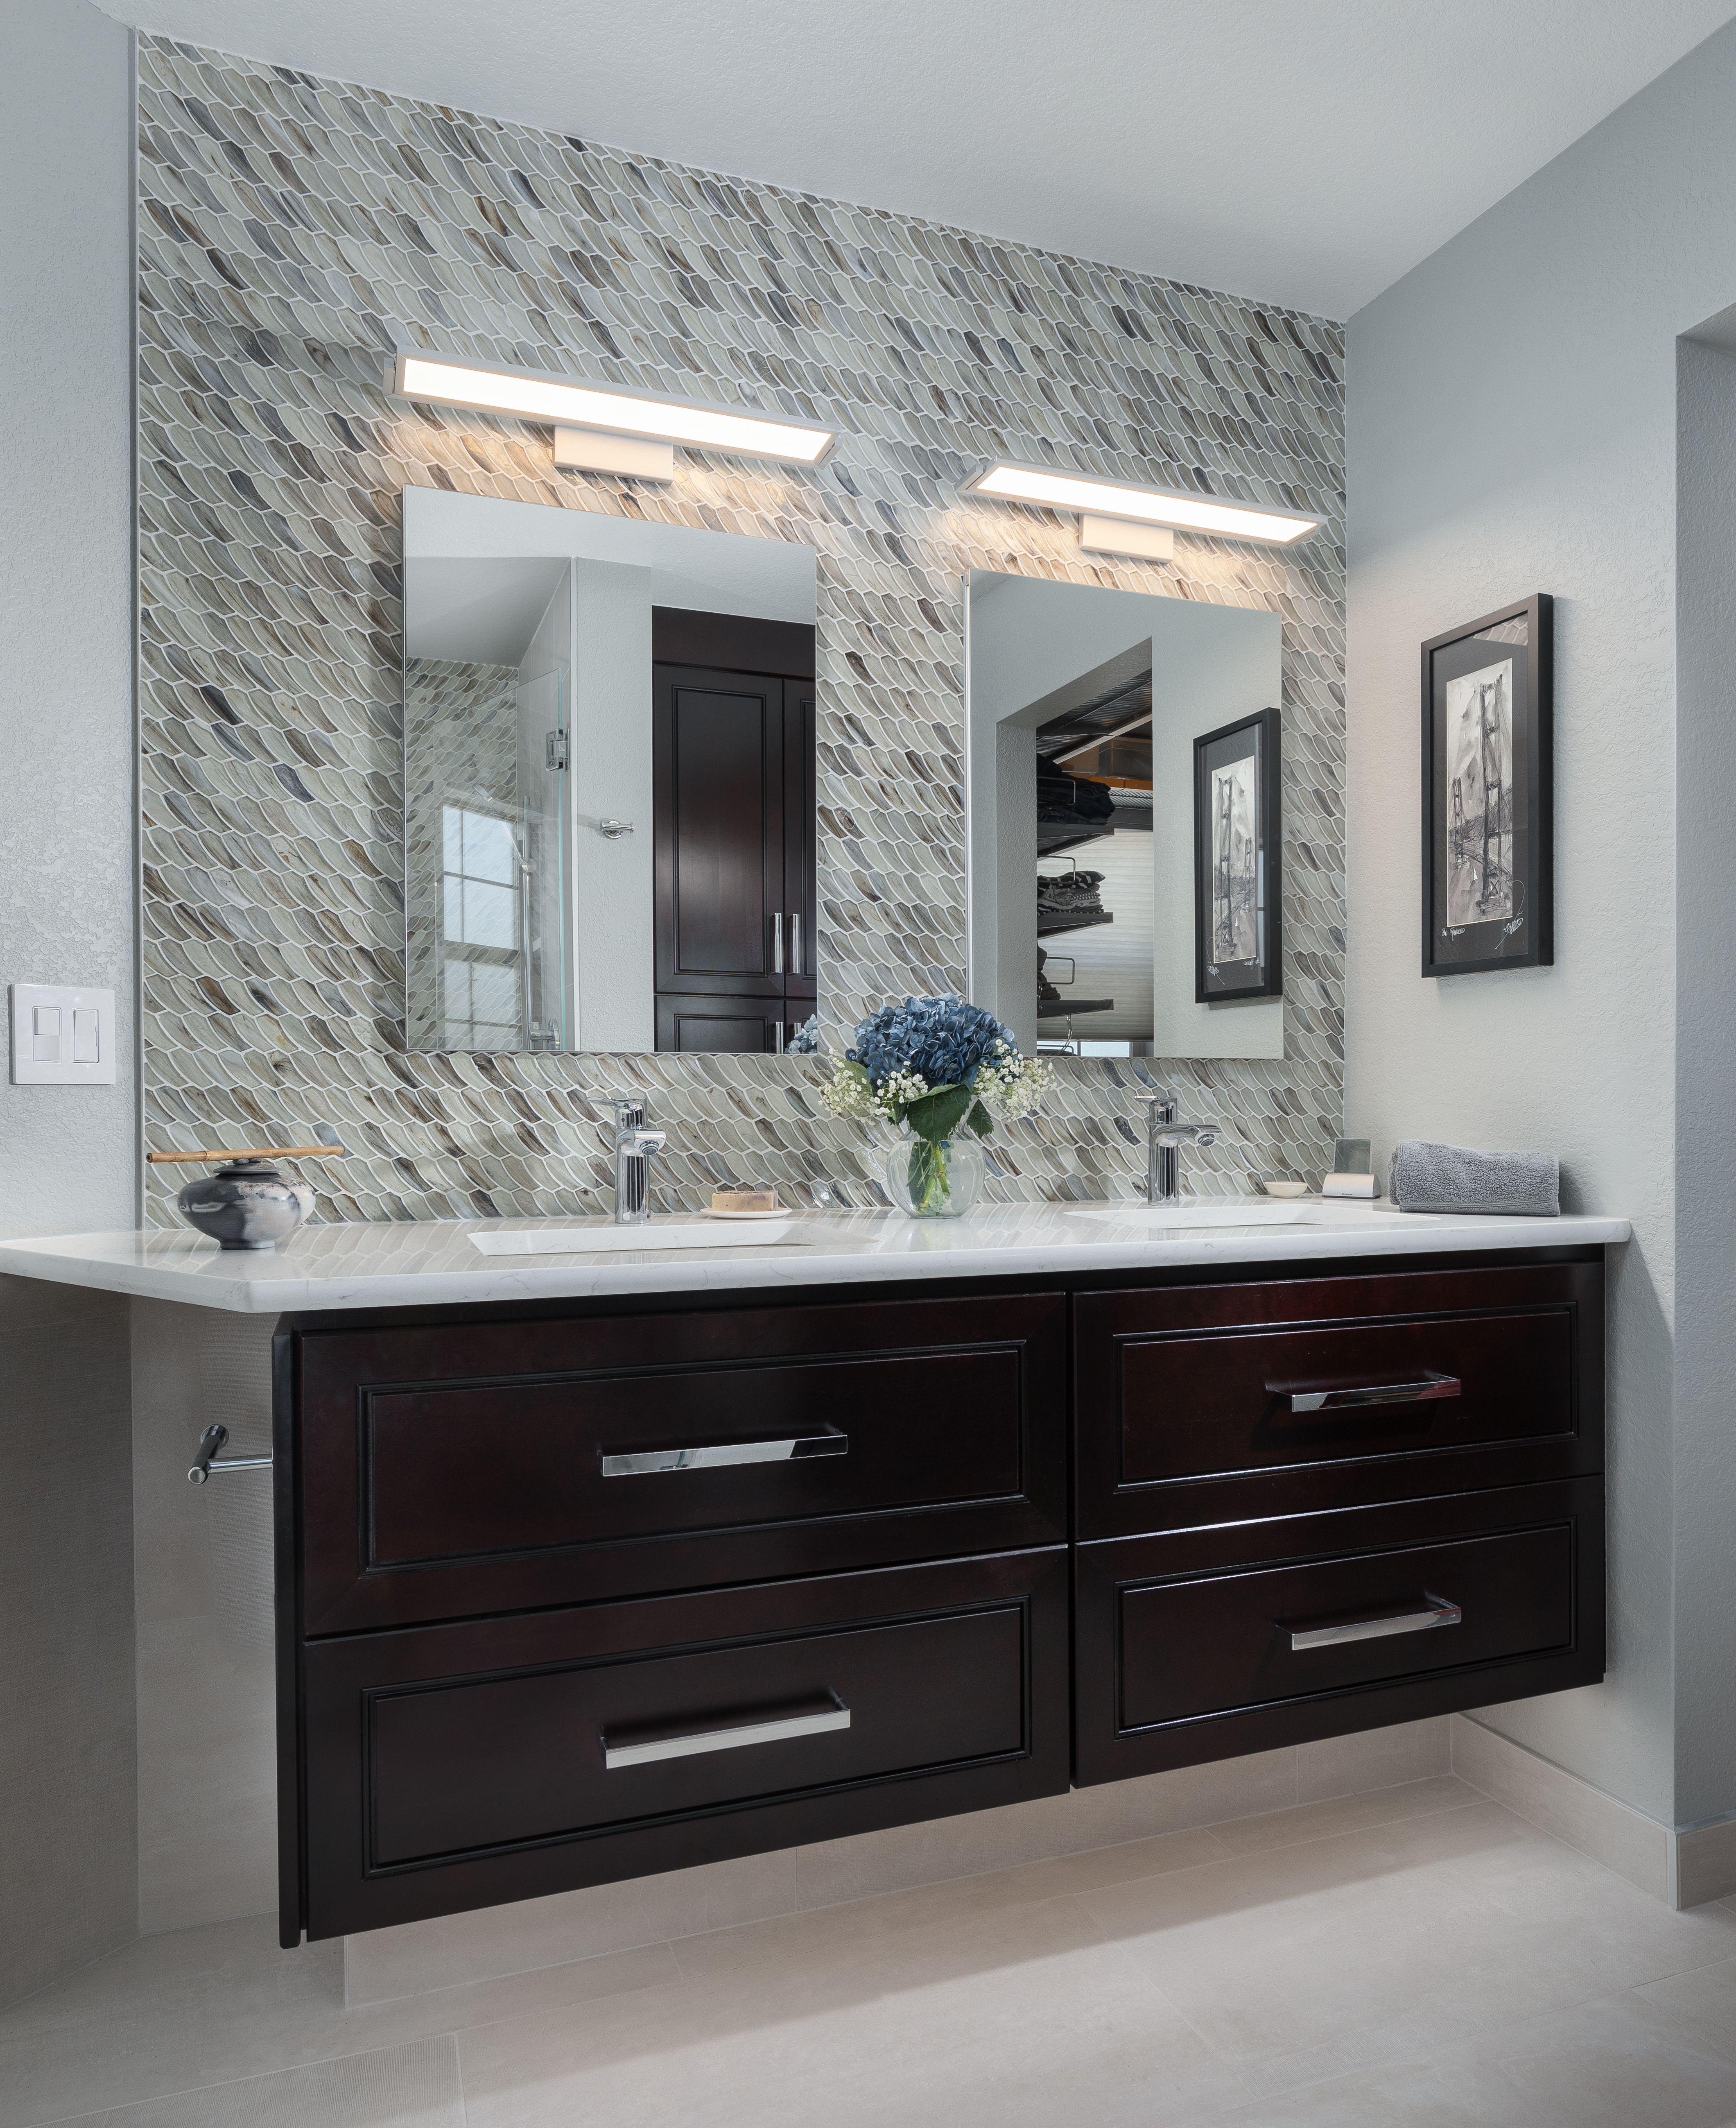 Floating Vanity Design - Denver, Colorado | Baths interior ...